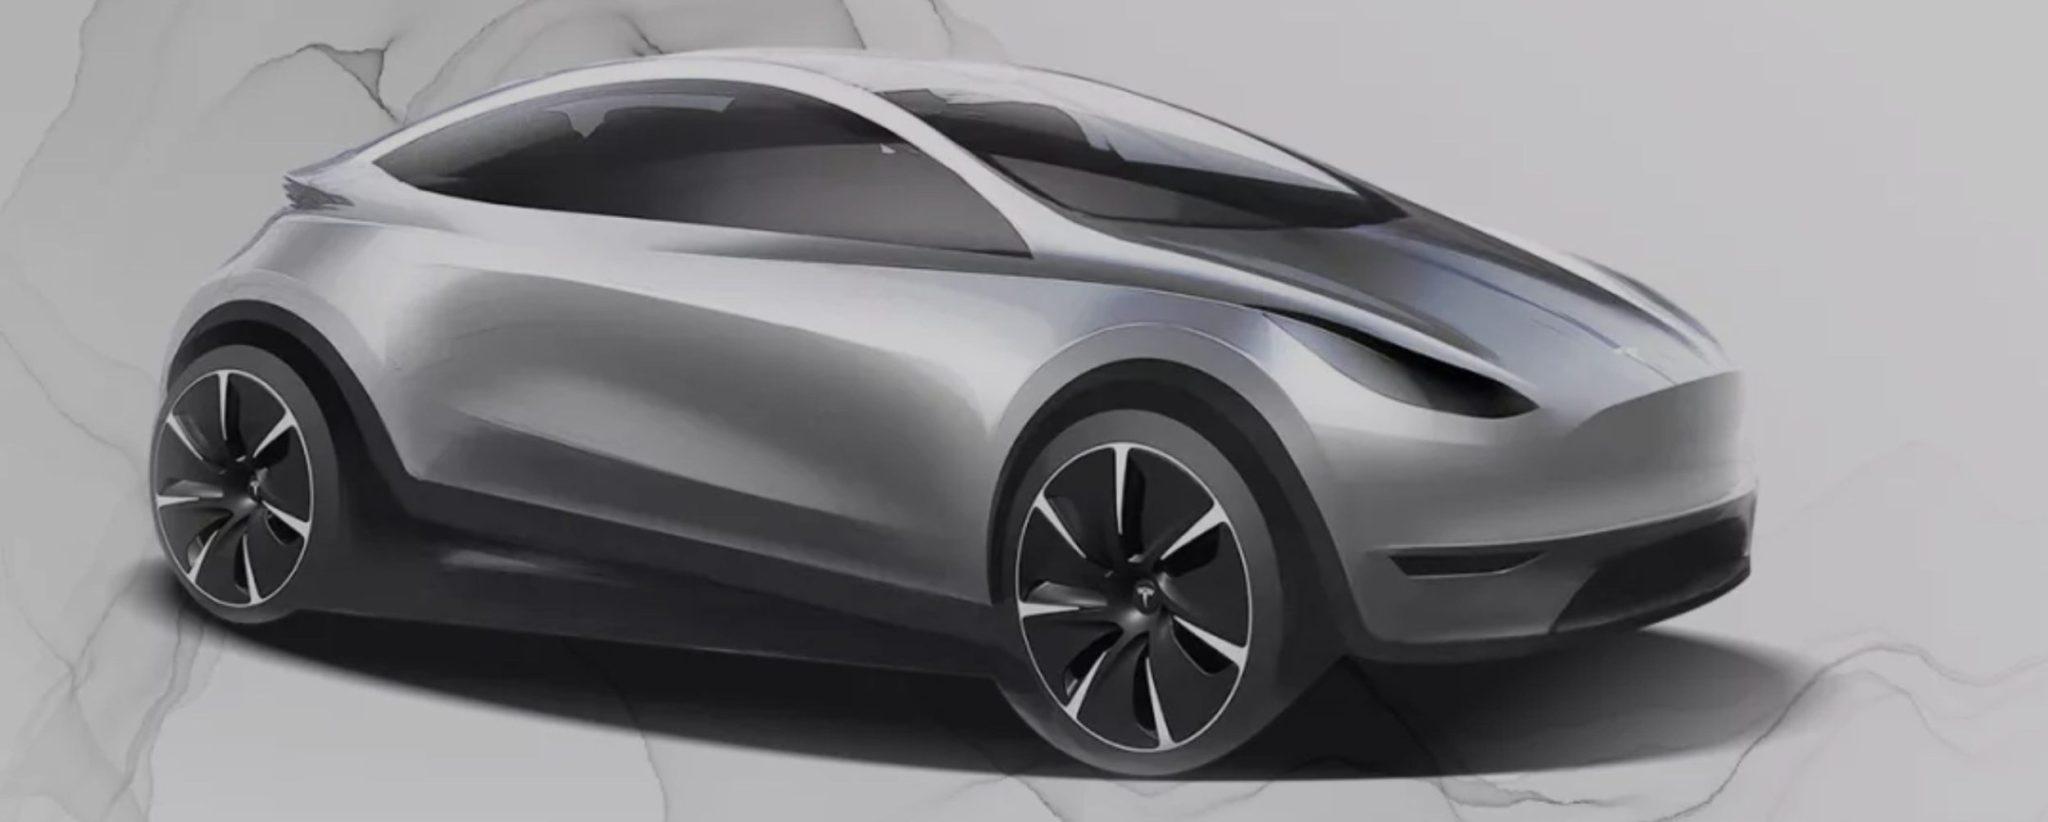 Tesla Model 2 - Sketch